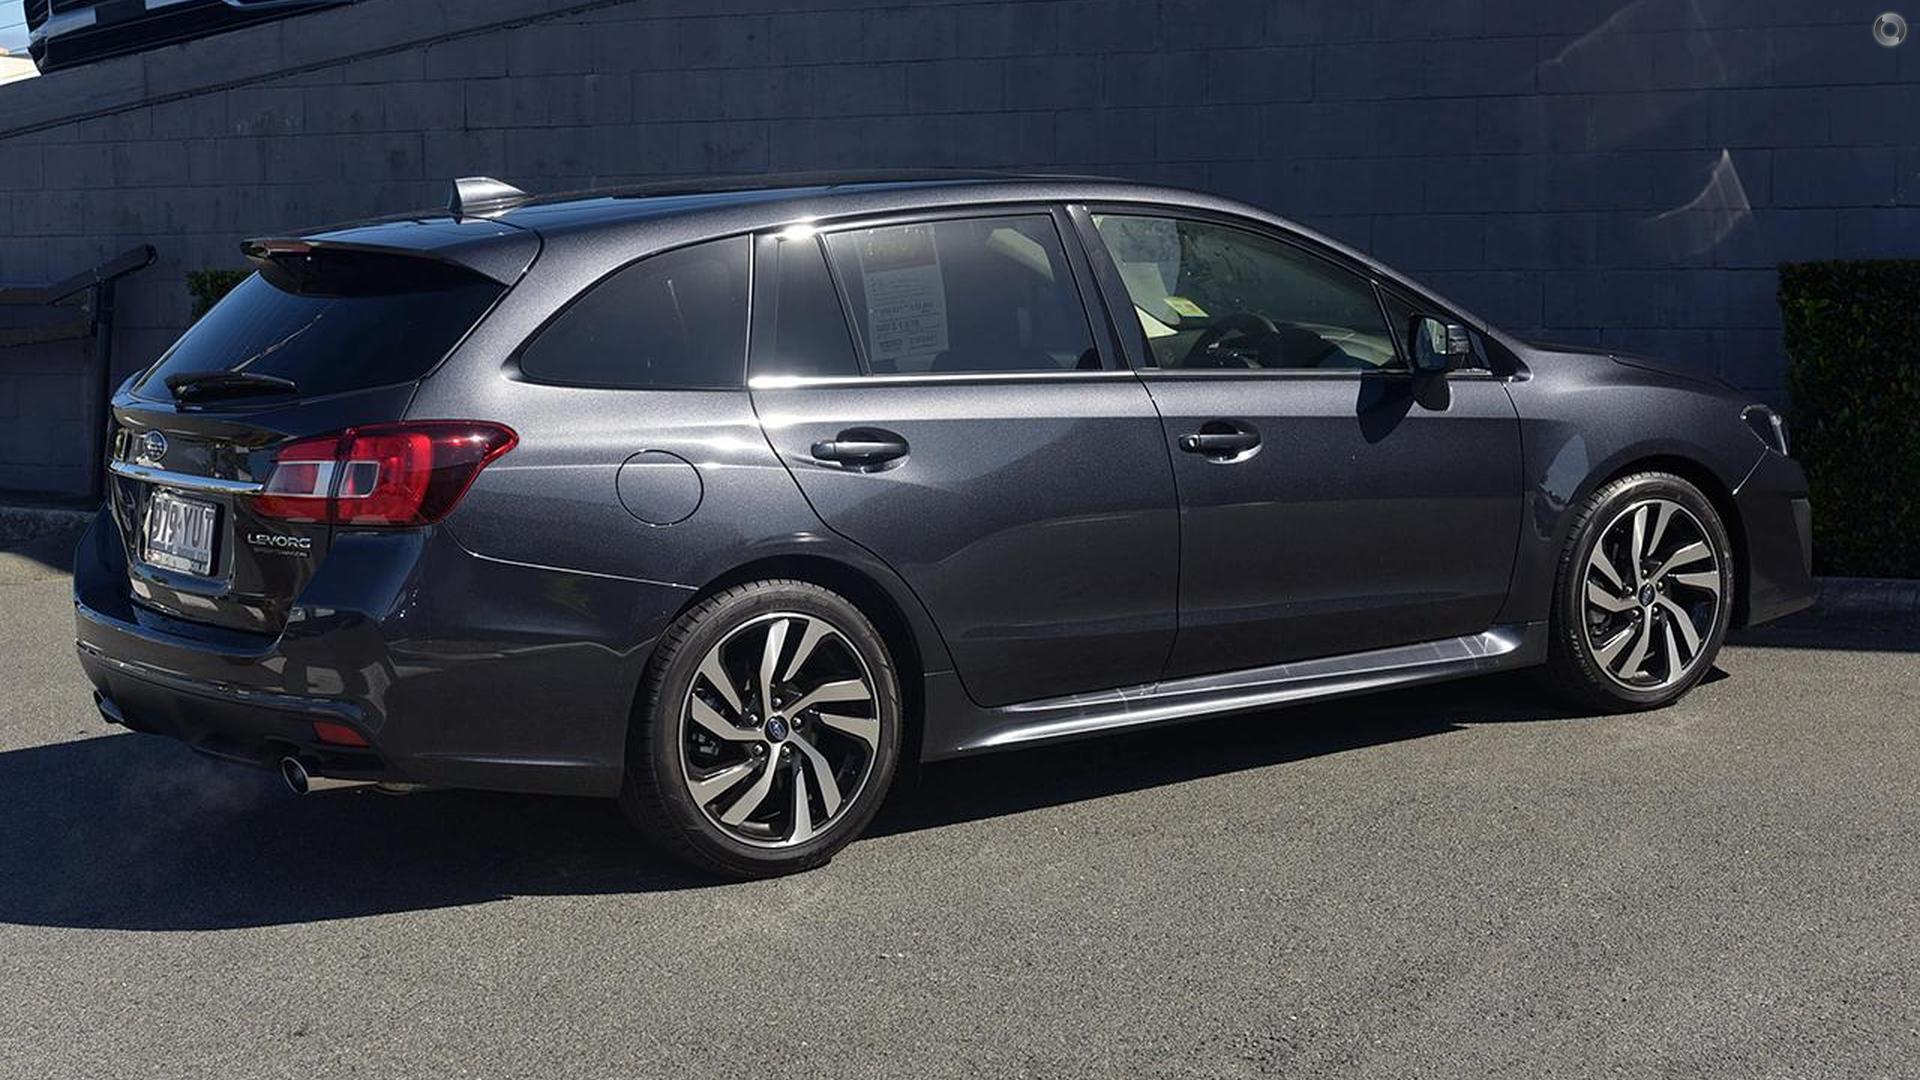 2018 Subaru Levorg 2.0 GT-S V1